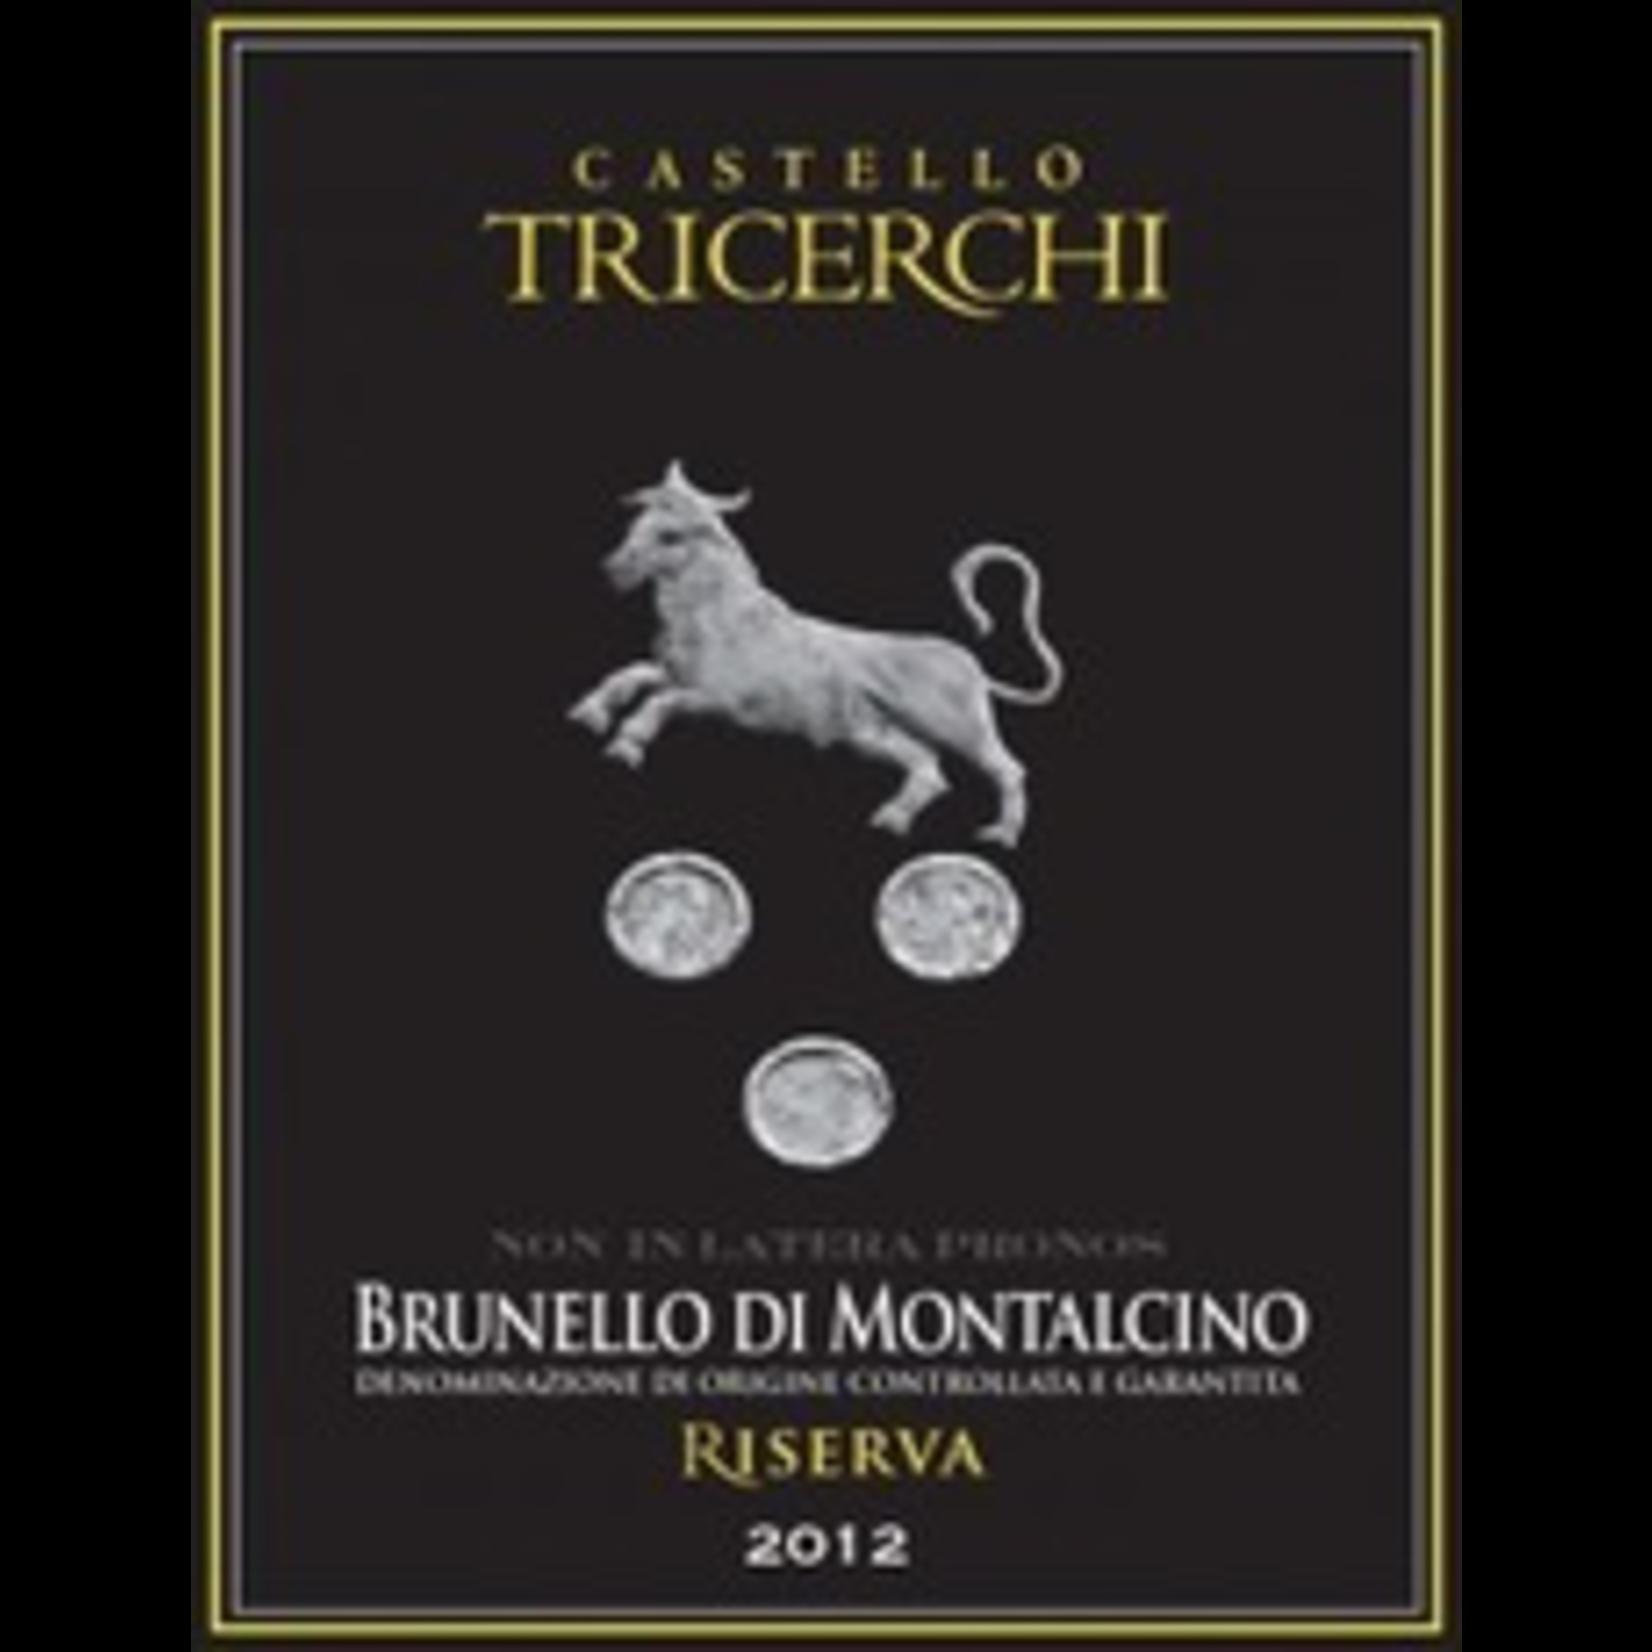 Wine Castello Tricerchi Brunello di Montalcino Riserva 2012